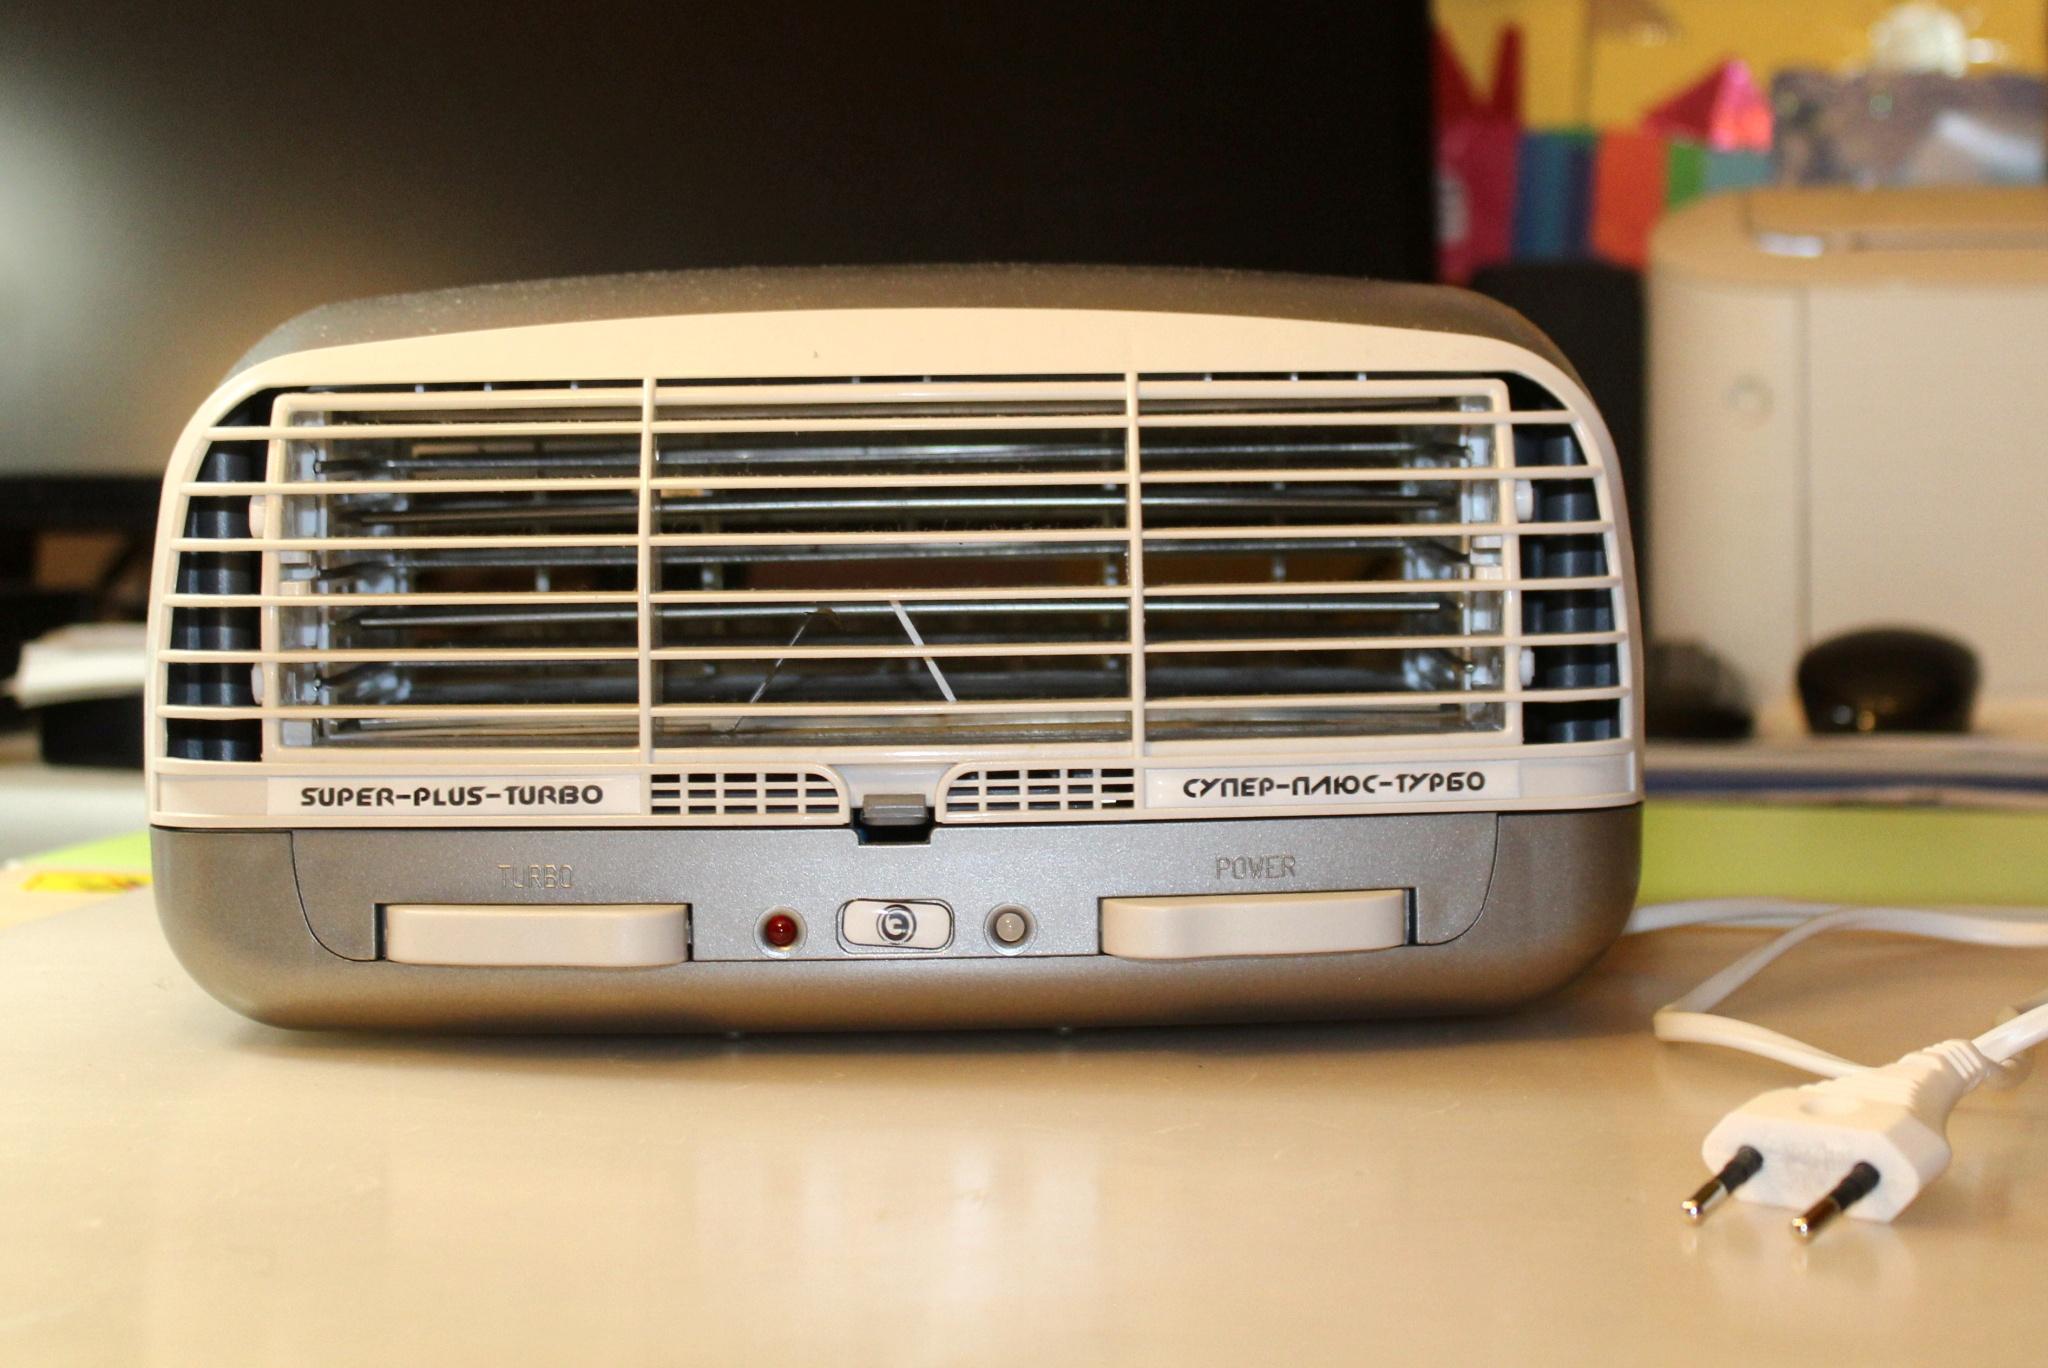 Ионизатор-очиститель воздуха супер-плюс турбо инструкция.